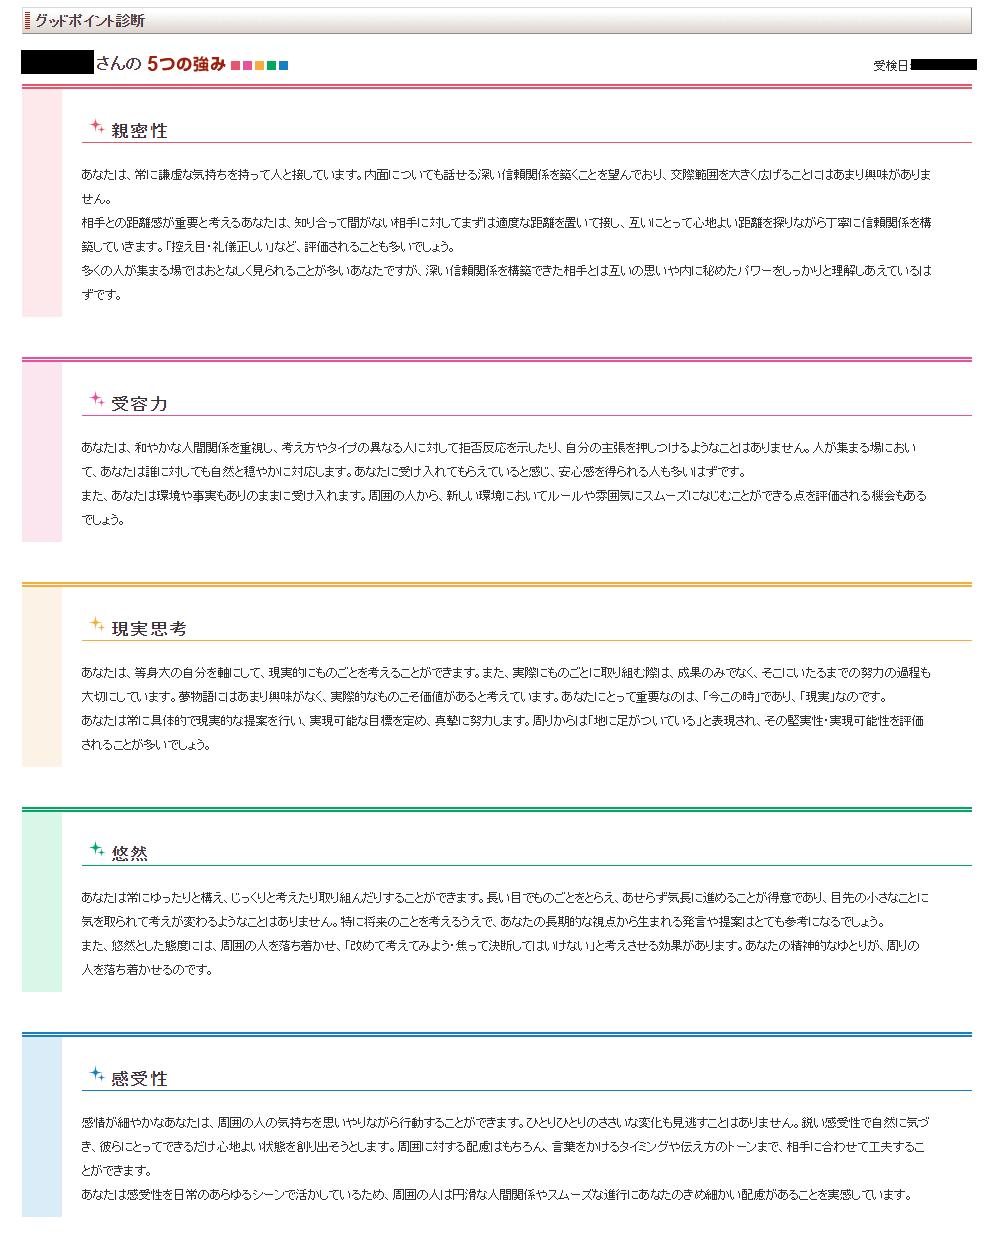 「リクナビNEXT」グッドポイント診断の結果